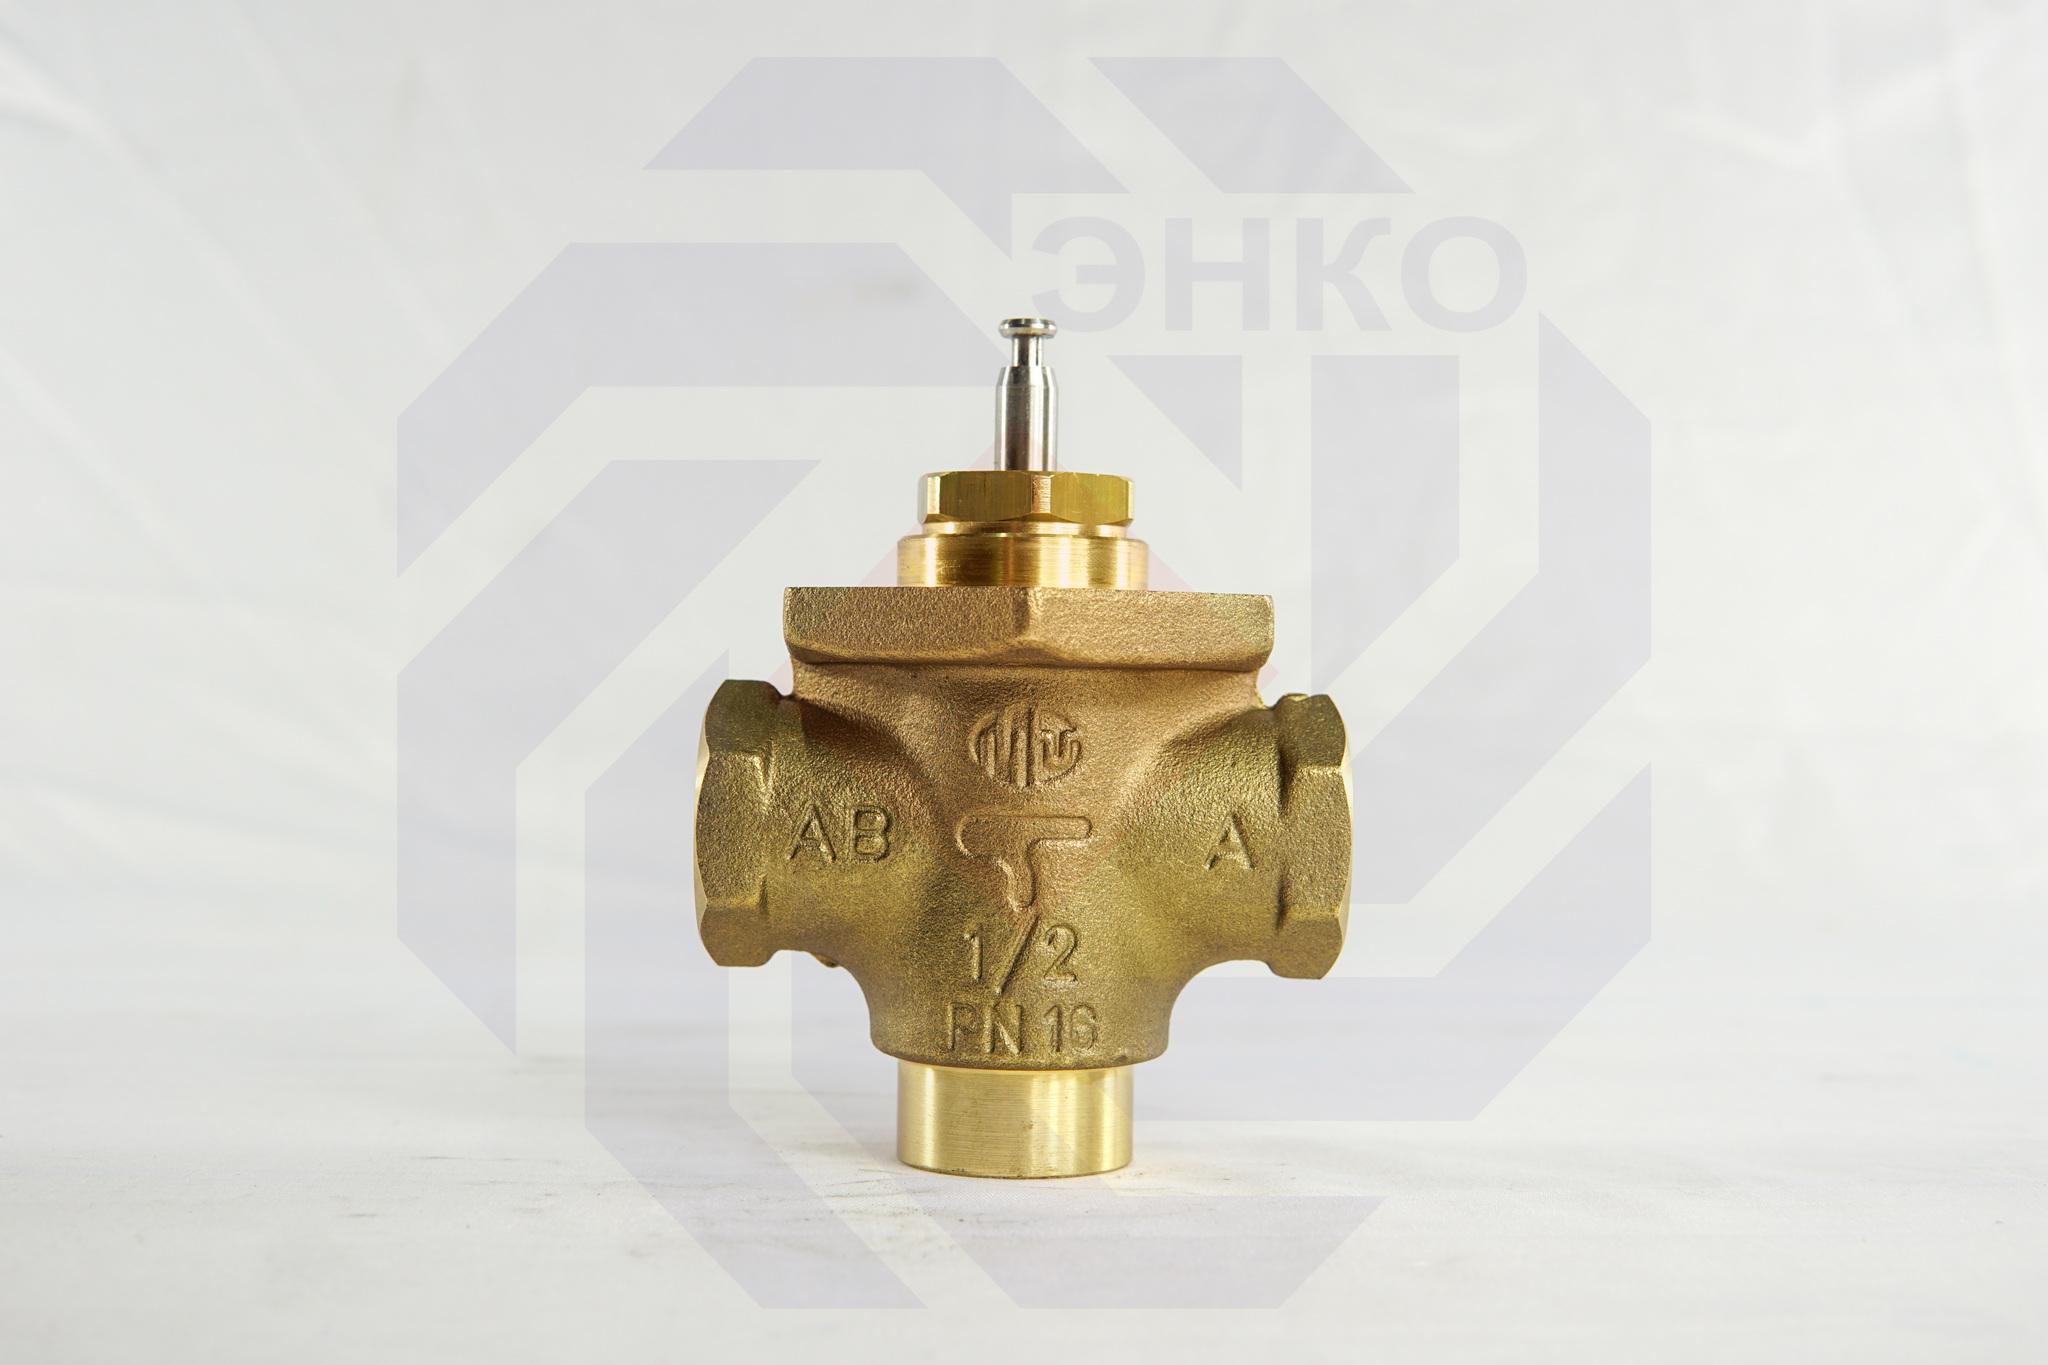 Клапан регулирующий двухходовой MUT MK DN 15